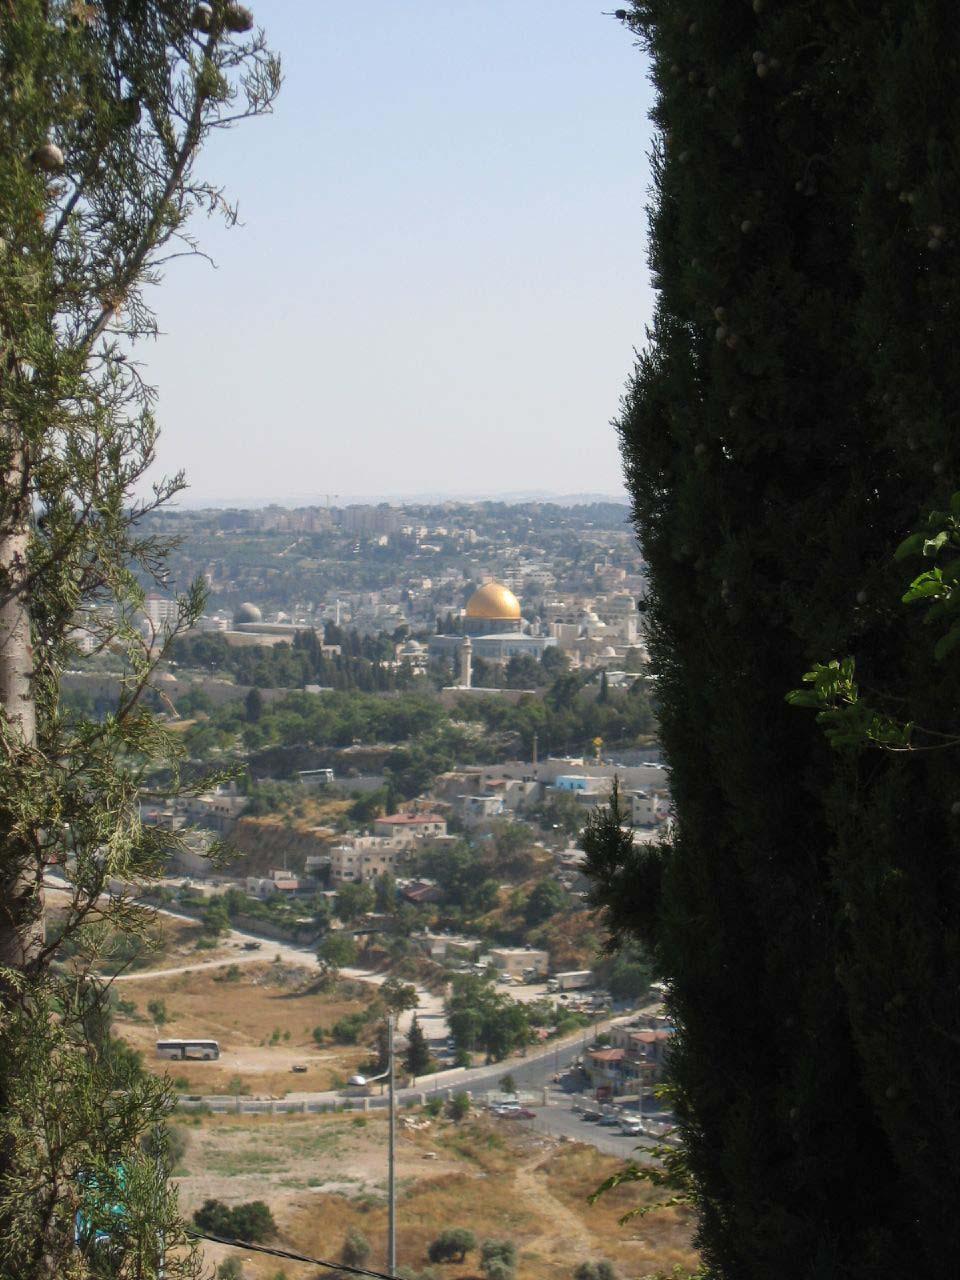 صور القدس المحتلة hd